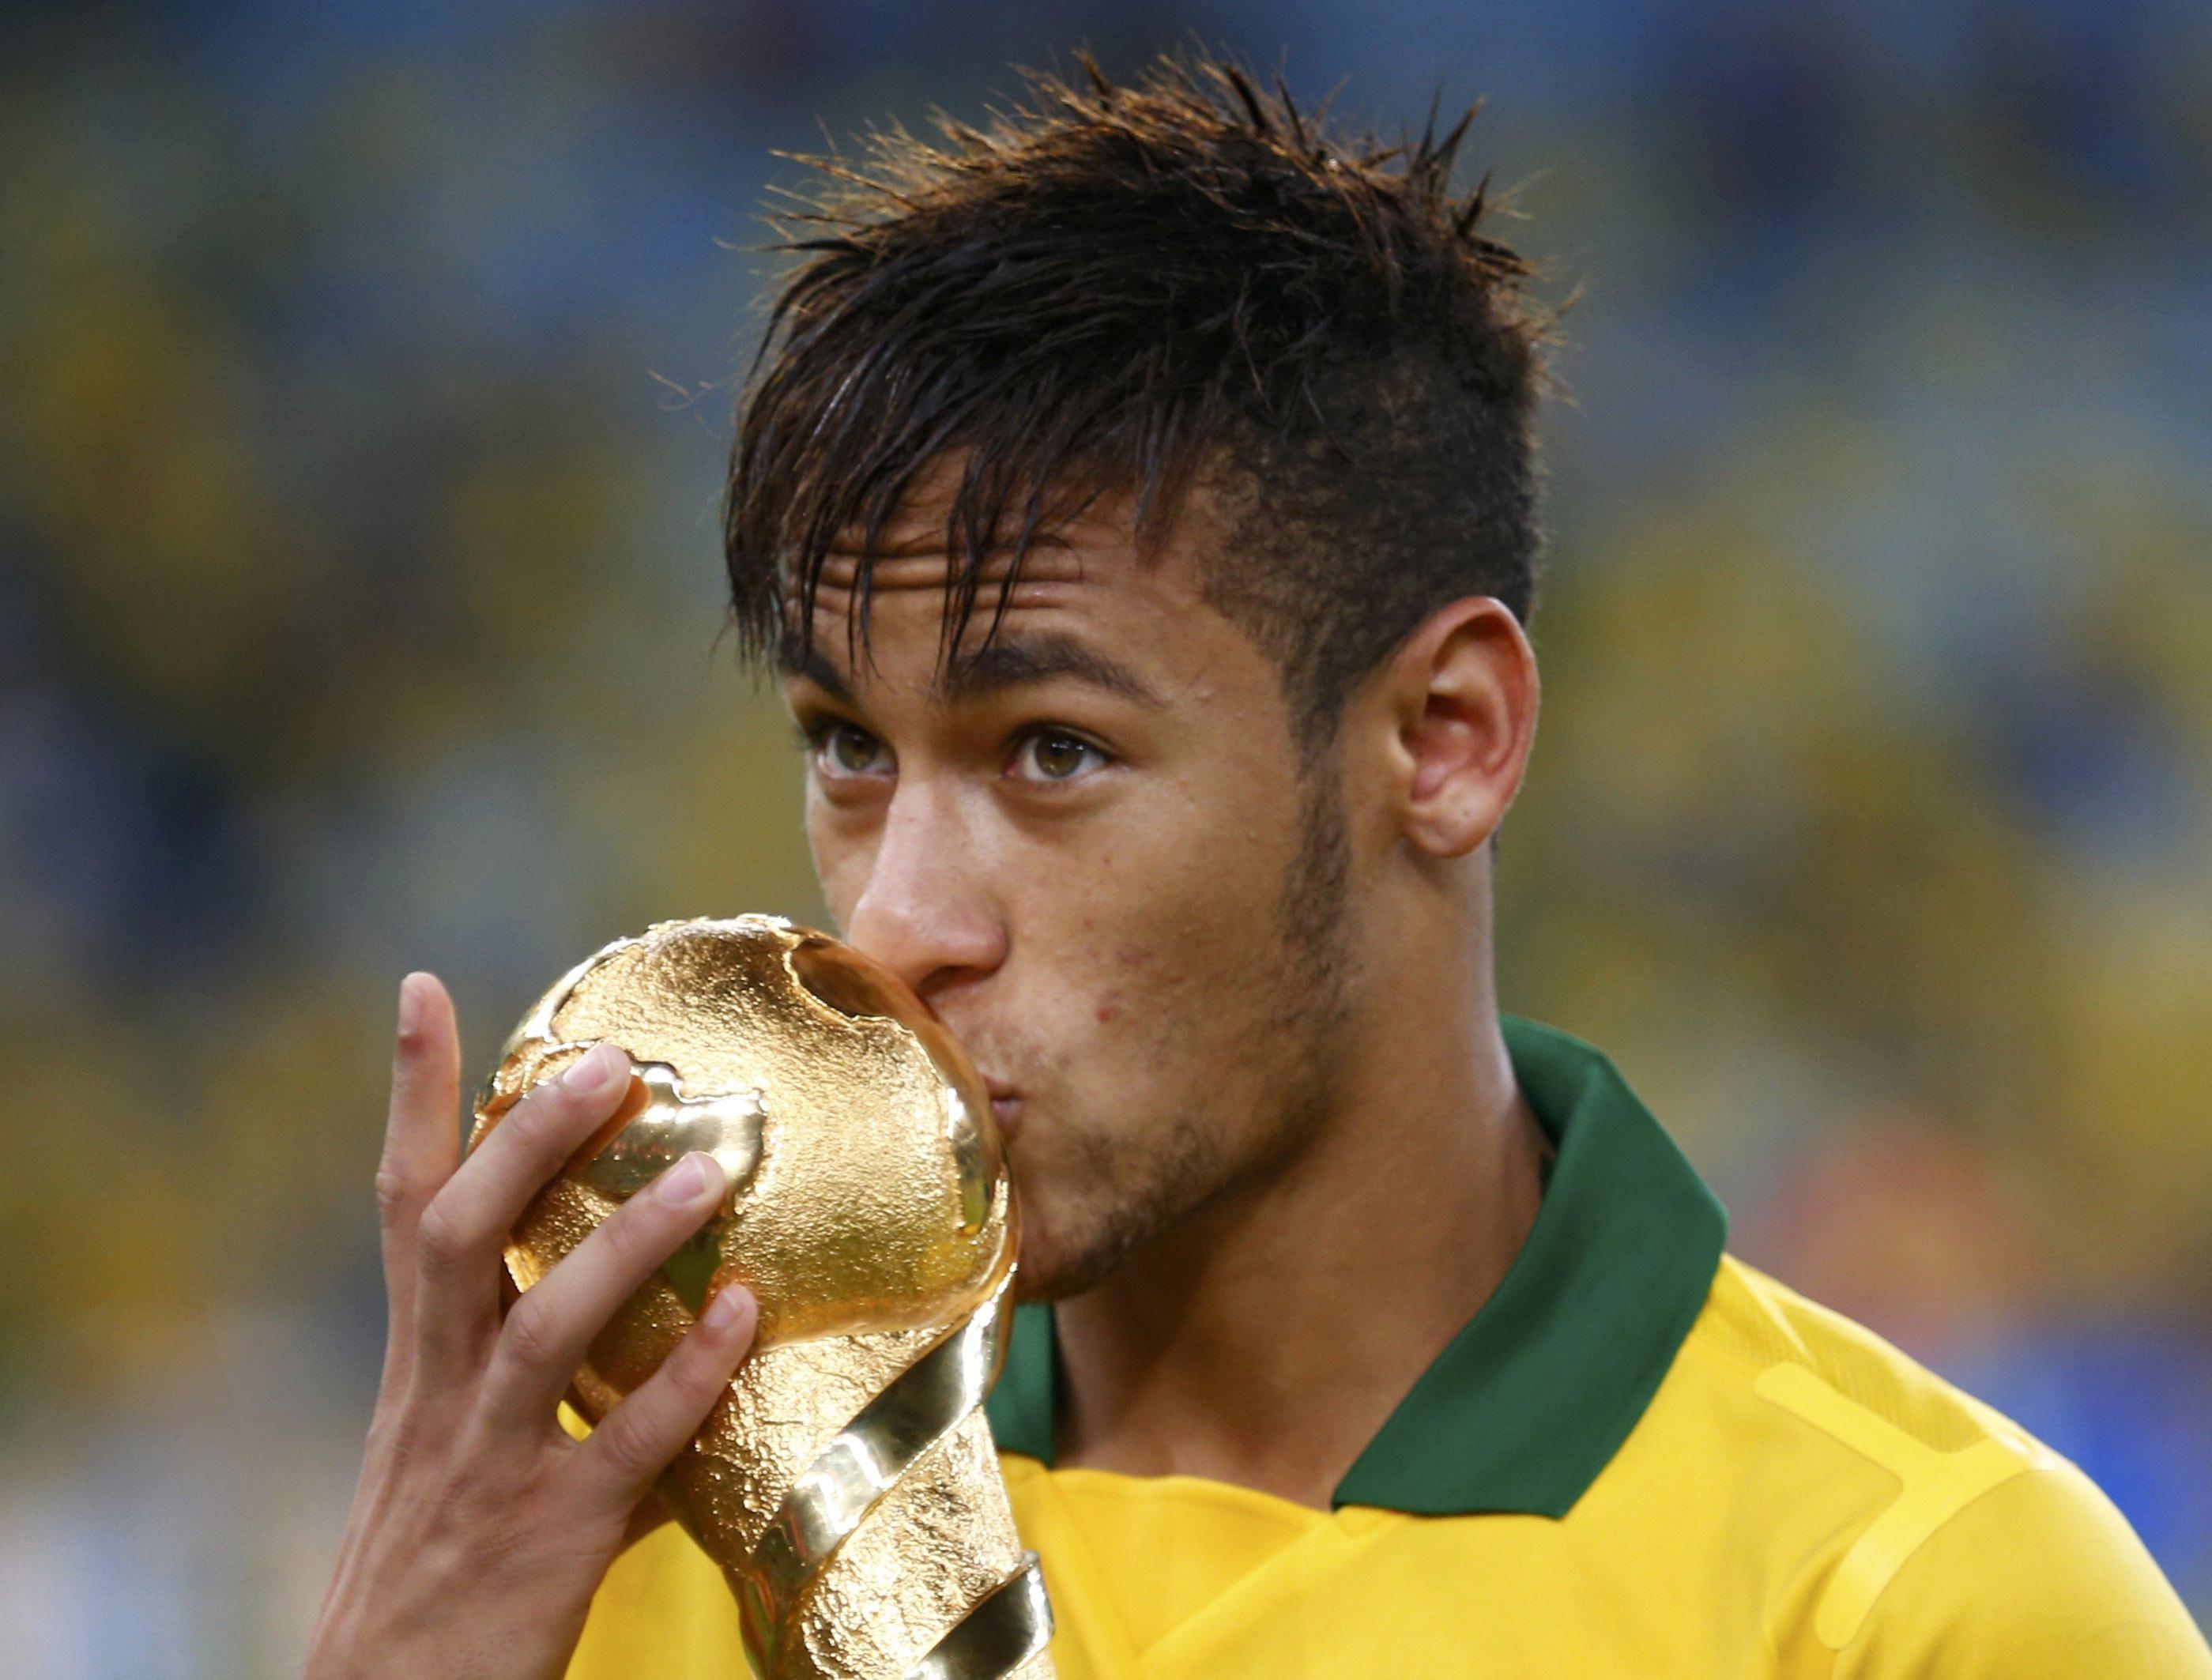 Neymar é eleito melhor jogador da Copa das Confederações - Copa das  Confederações 2013 - R7 Seleção Brasileira 6948d1d89e755